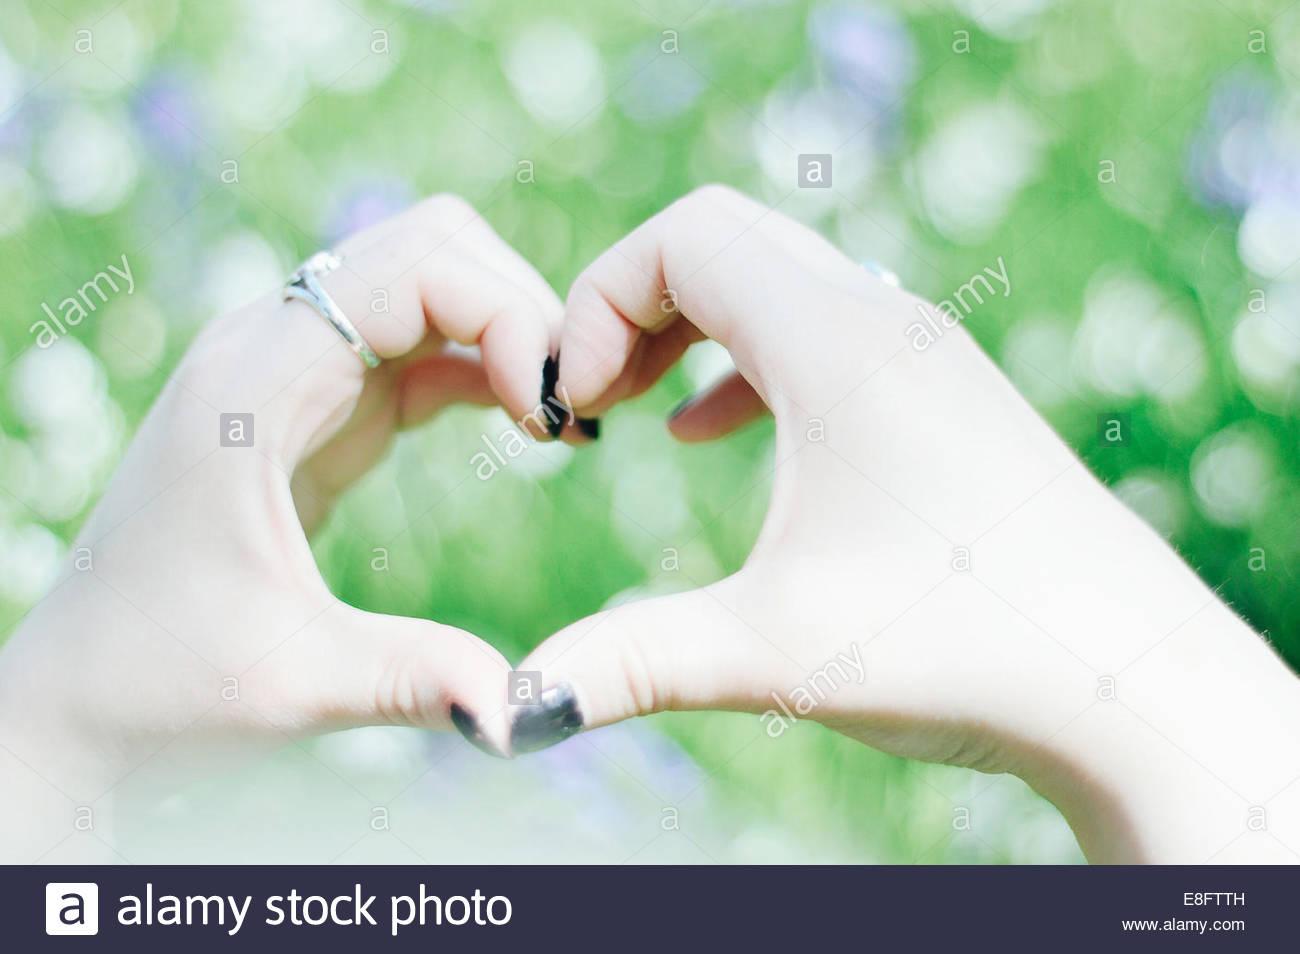 Donna messa a forma di cuore con le mani Immagini Stock